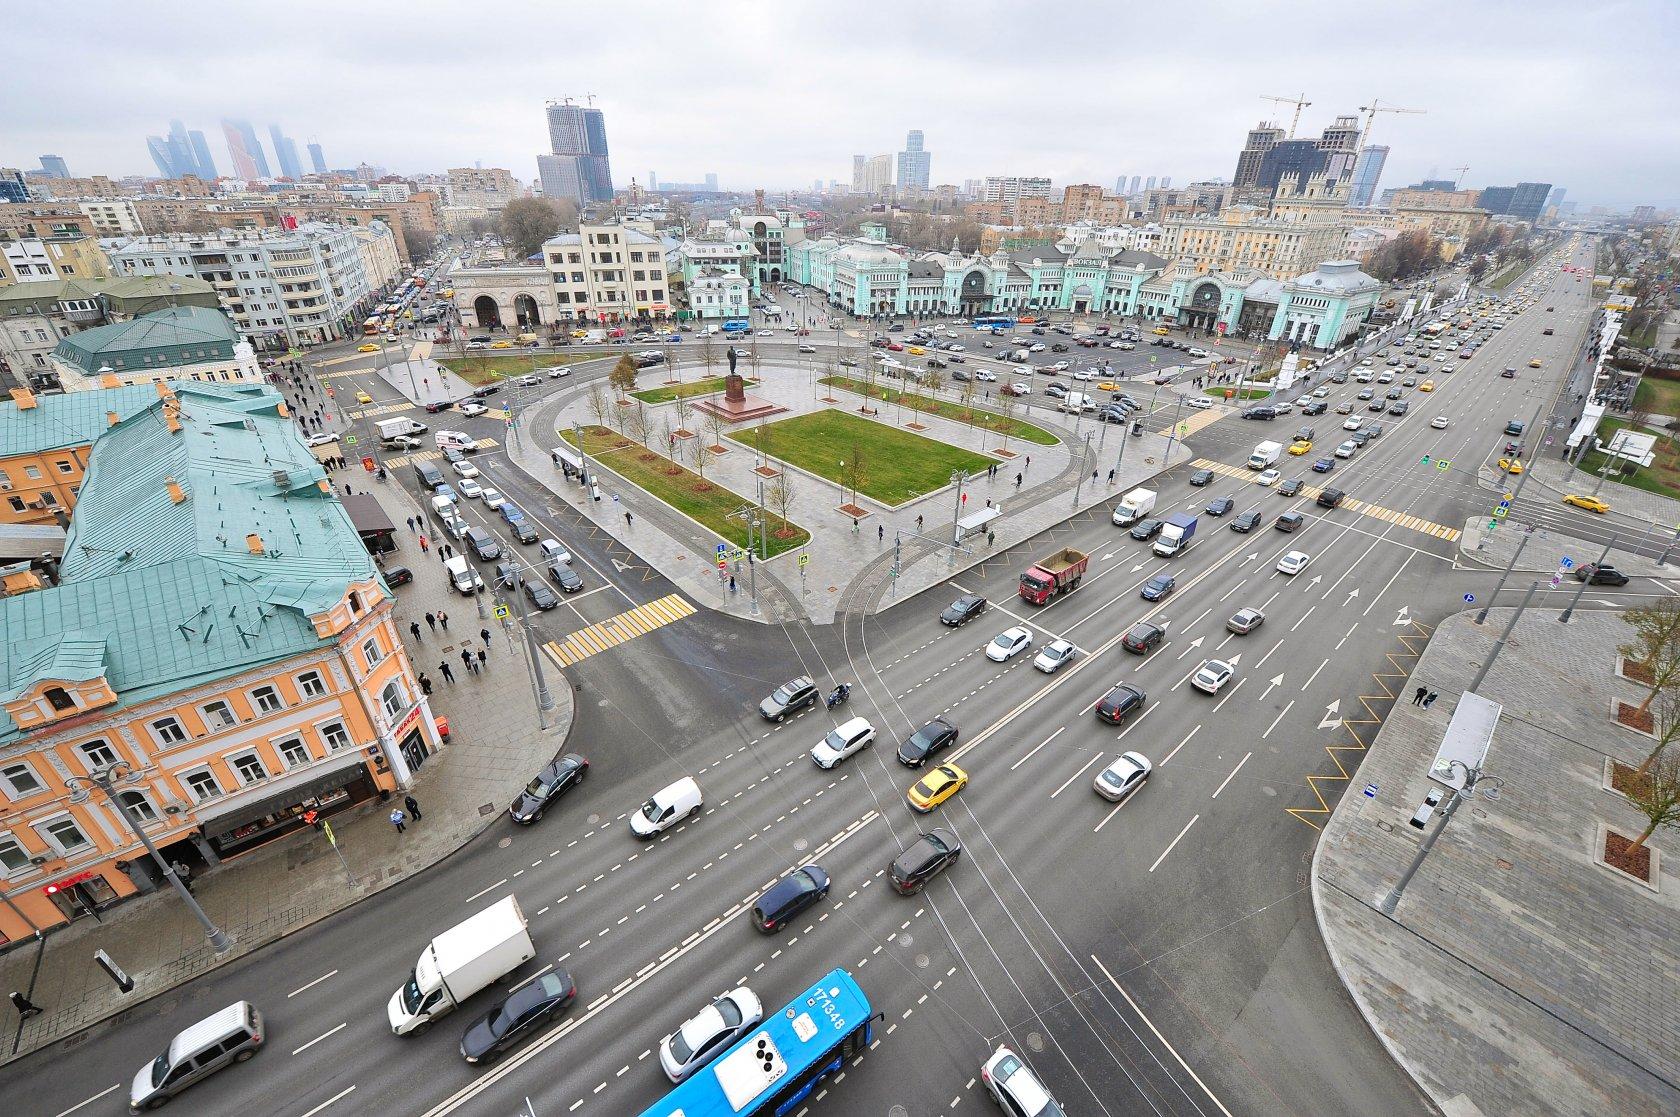 развитие сайта Площадь Академика Тамма